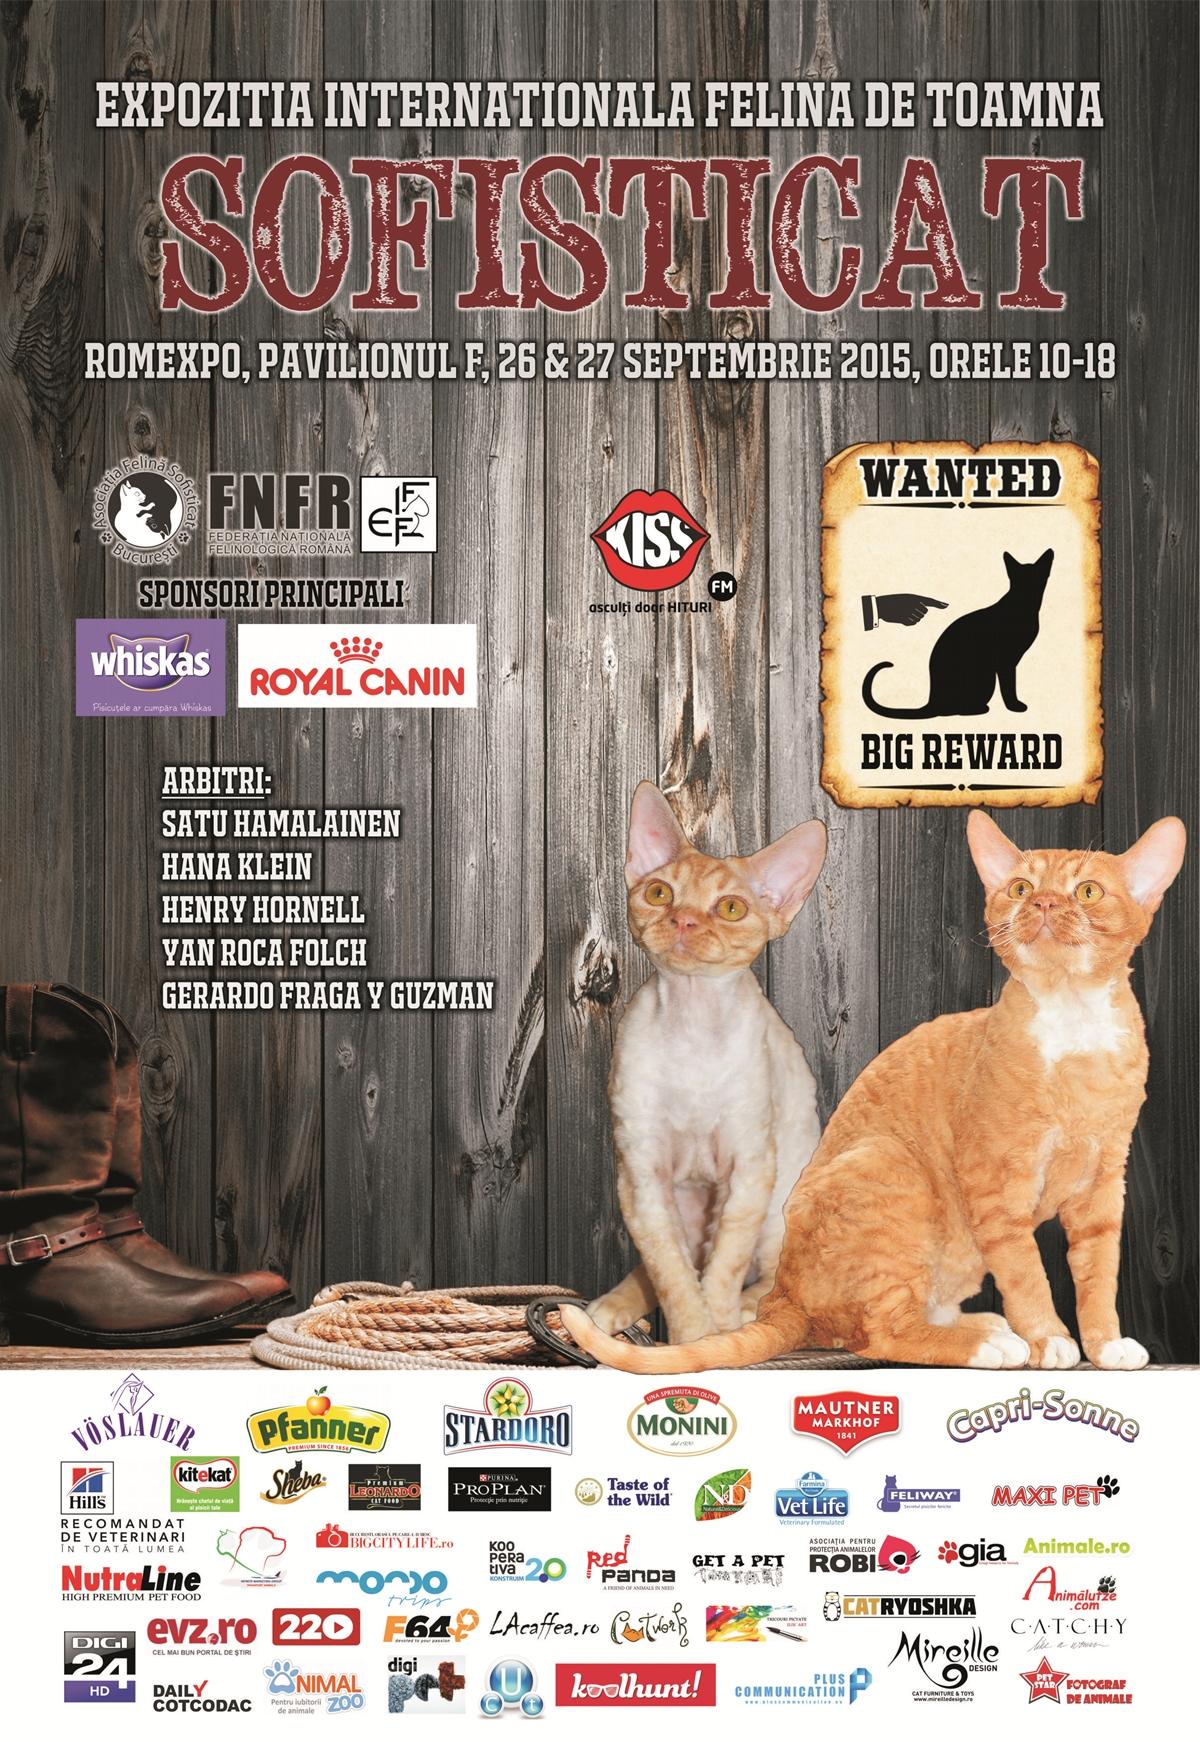 Peste 200 de pisici din toate colturile lumii se vor lasa admirate la Expozitia Internationala Felina de Toamna – SofistiCAT, care va avea loc in zilele de 26 – 27 septembrie 2015, la Pavilionul F din complexul Romexpo, Bucuresti.